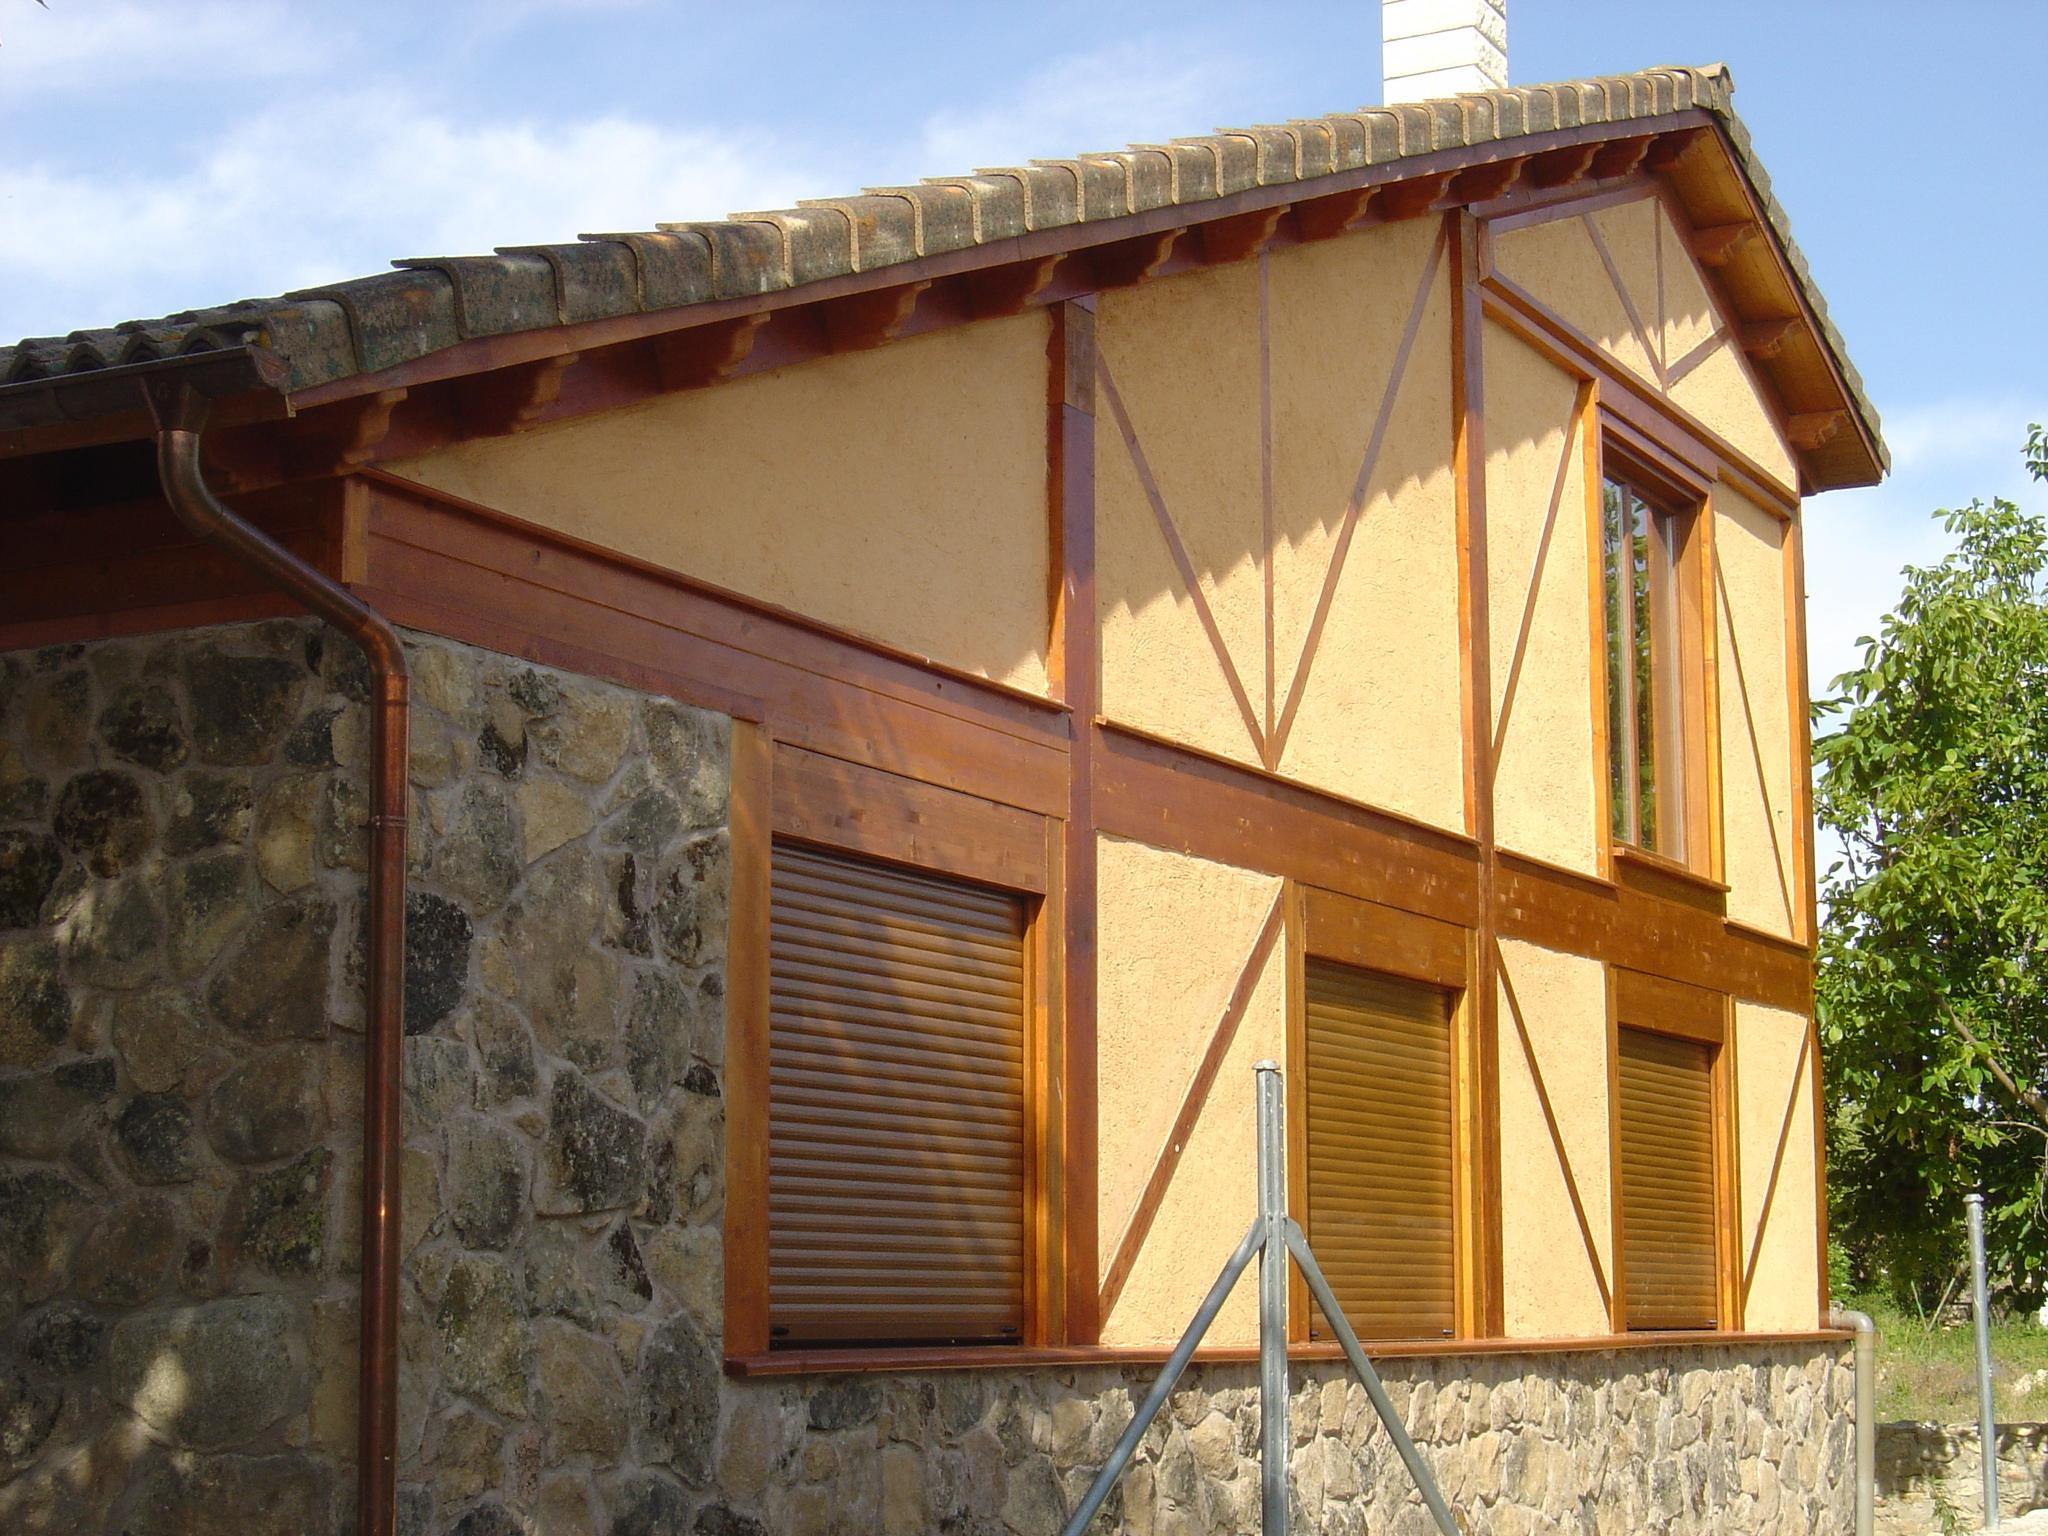 Casas de madera palos en danza - Casas de madera de lujo en espana ...